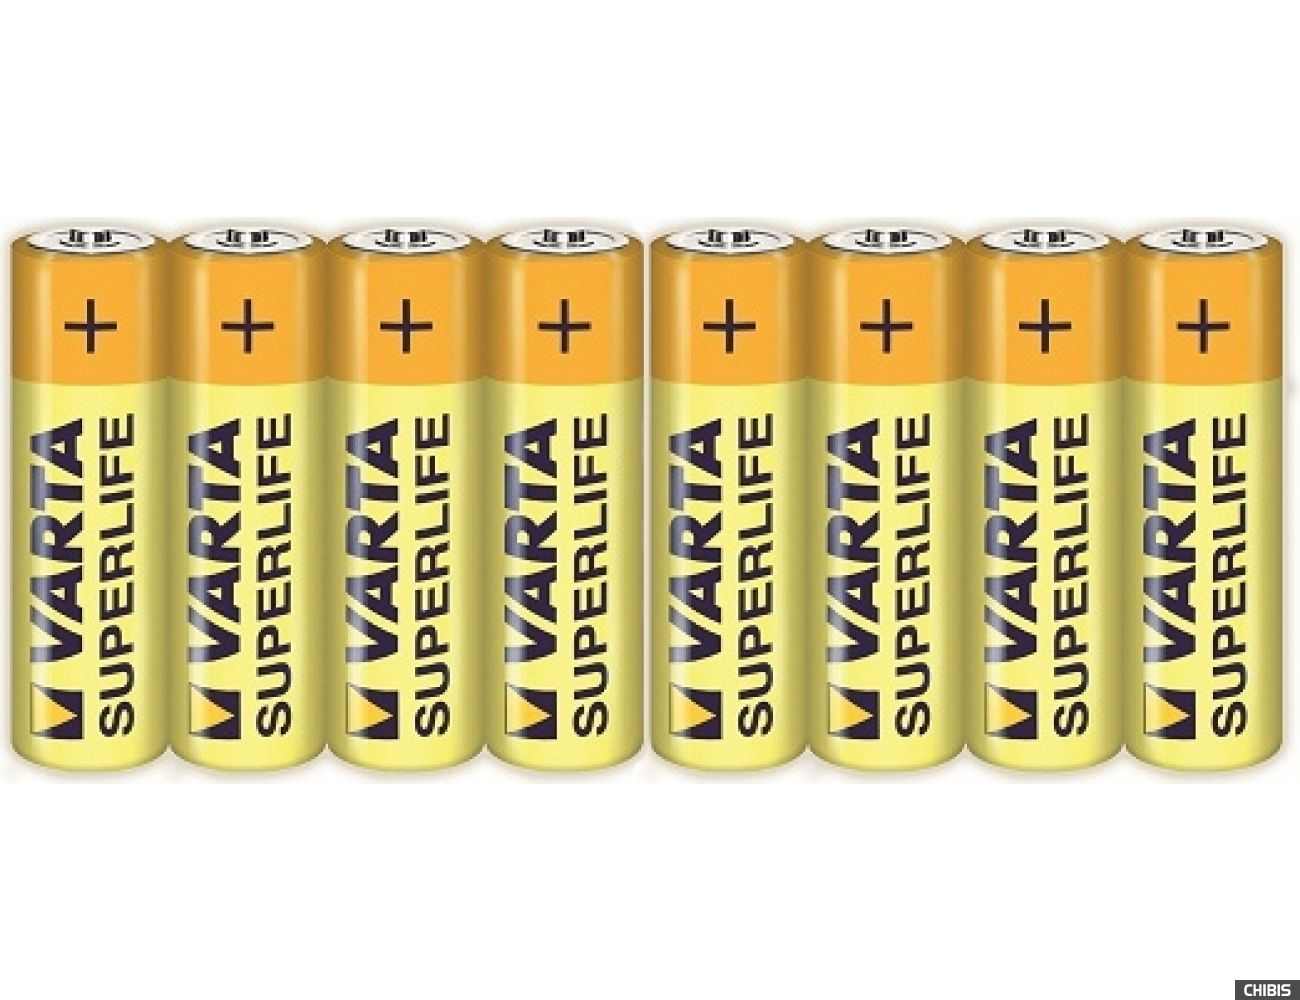 Батарейка АА Varta Superlife LR06 1.5V Цинково-угольная пленка 8/8 шт.